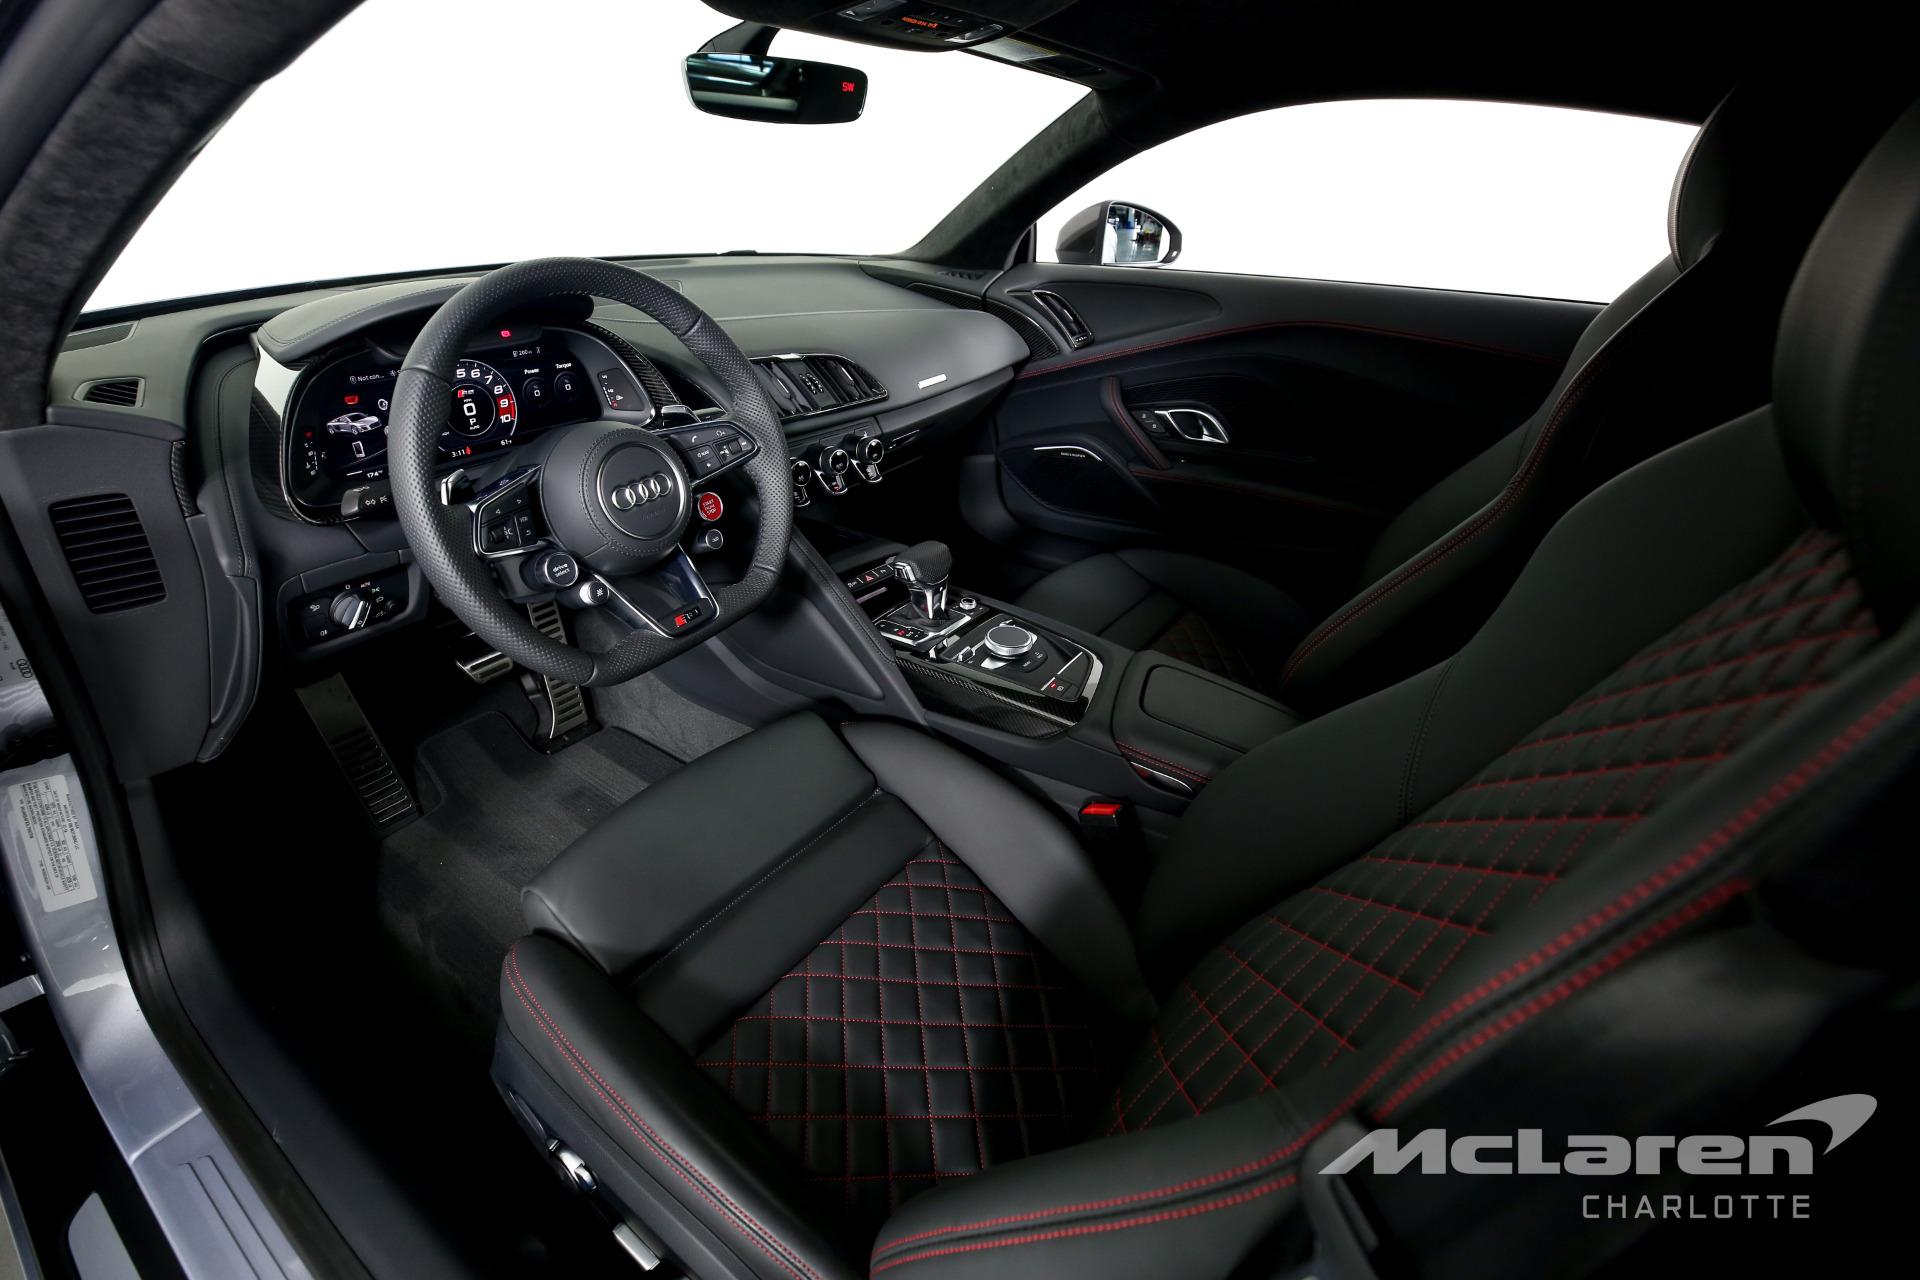 Used 2020 Audi R8 5.2 quattro V10 performance | Charlotte, NC